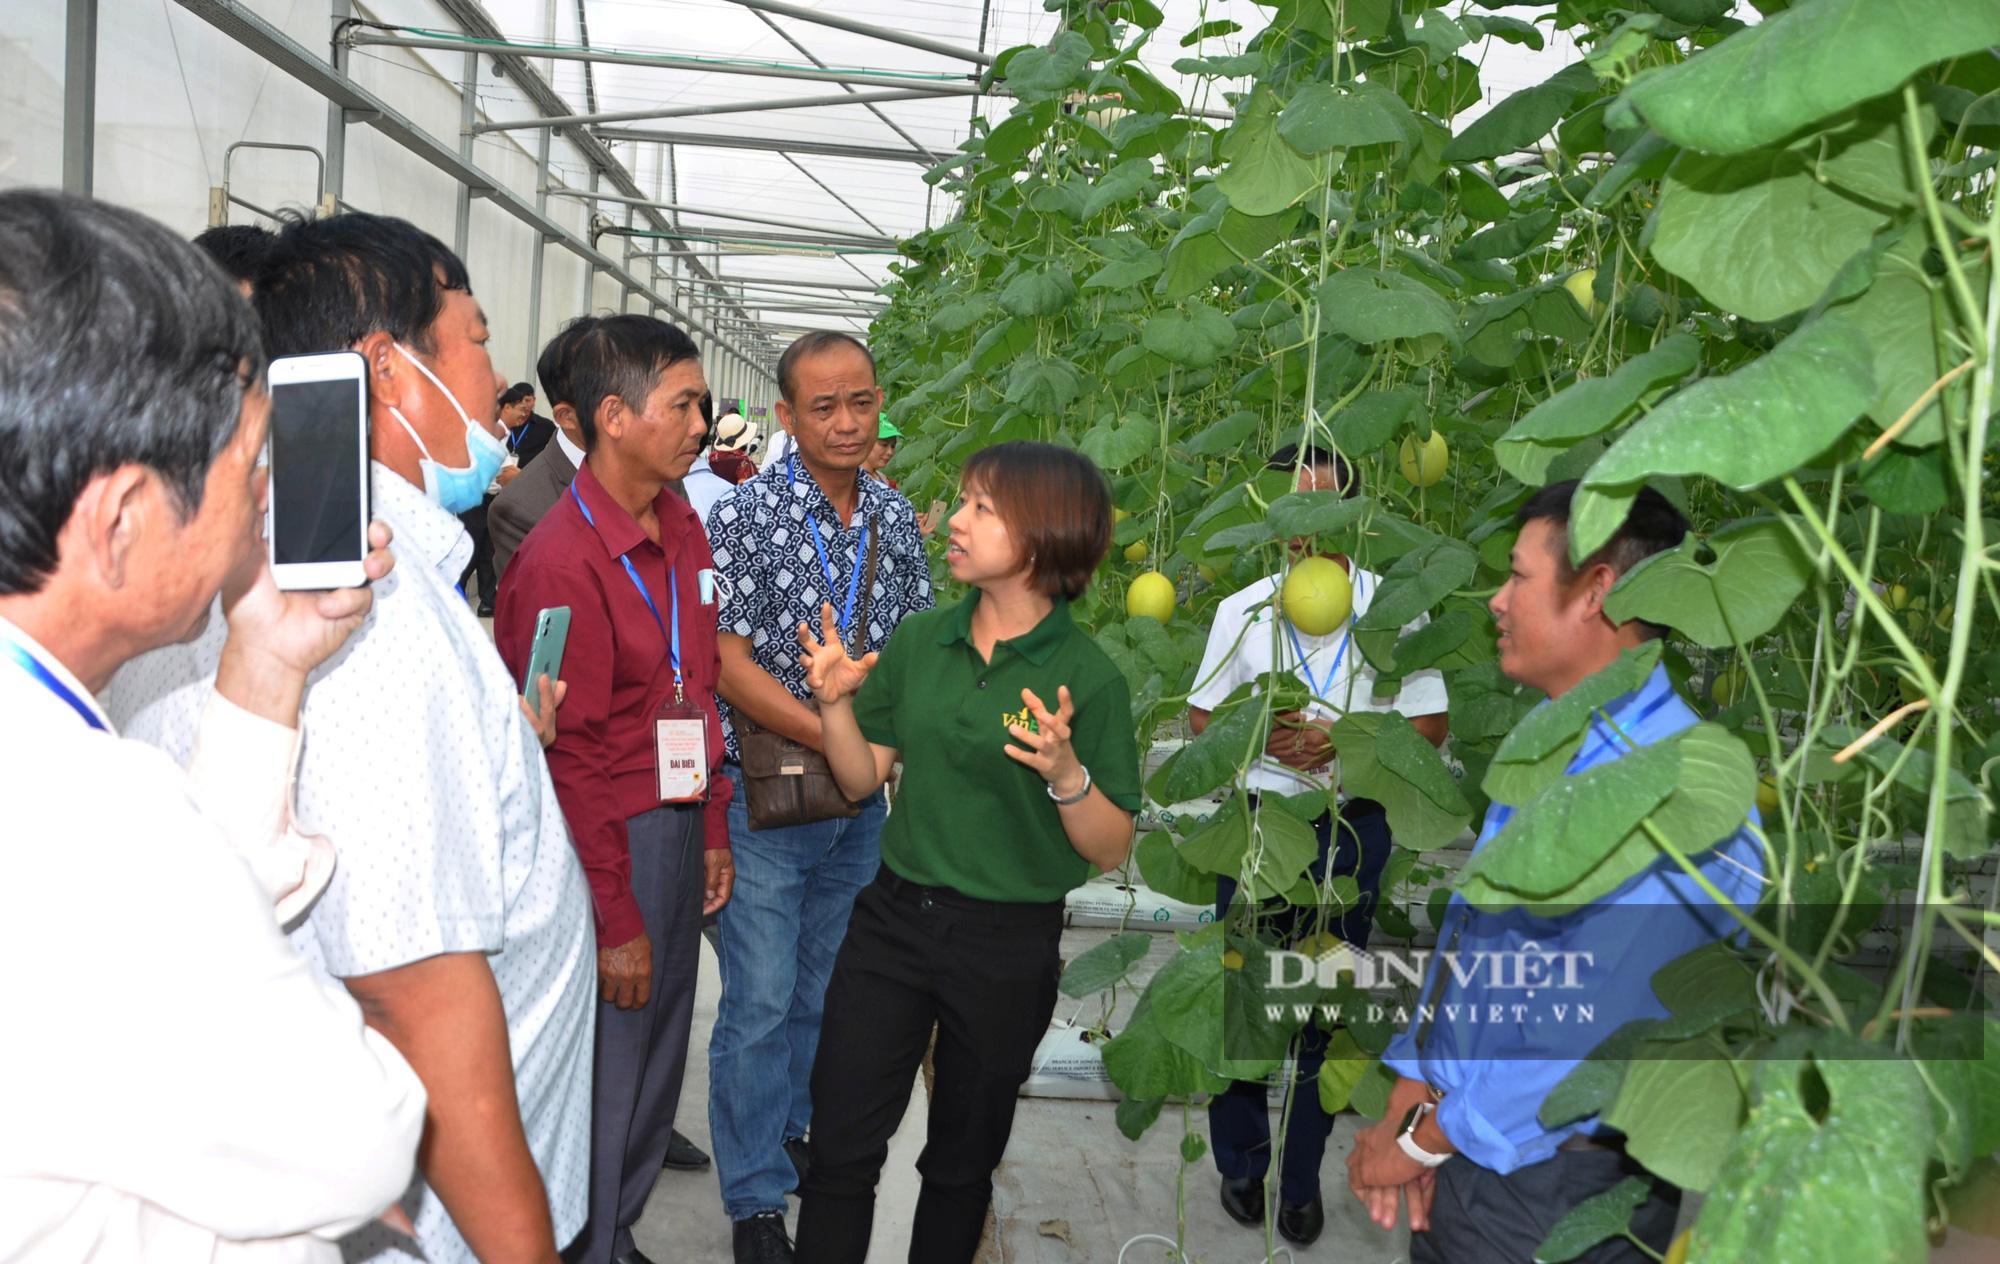 """Nông dân xuất sắc đã mắt ngắm hệ thống điều hòa khí hậu """"khổng lồ"""" để chăm sóc rau của VinEco - Ảnh 1."""